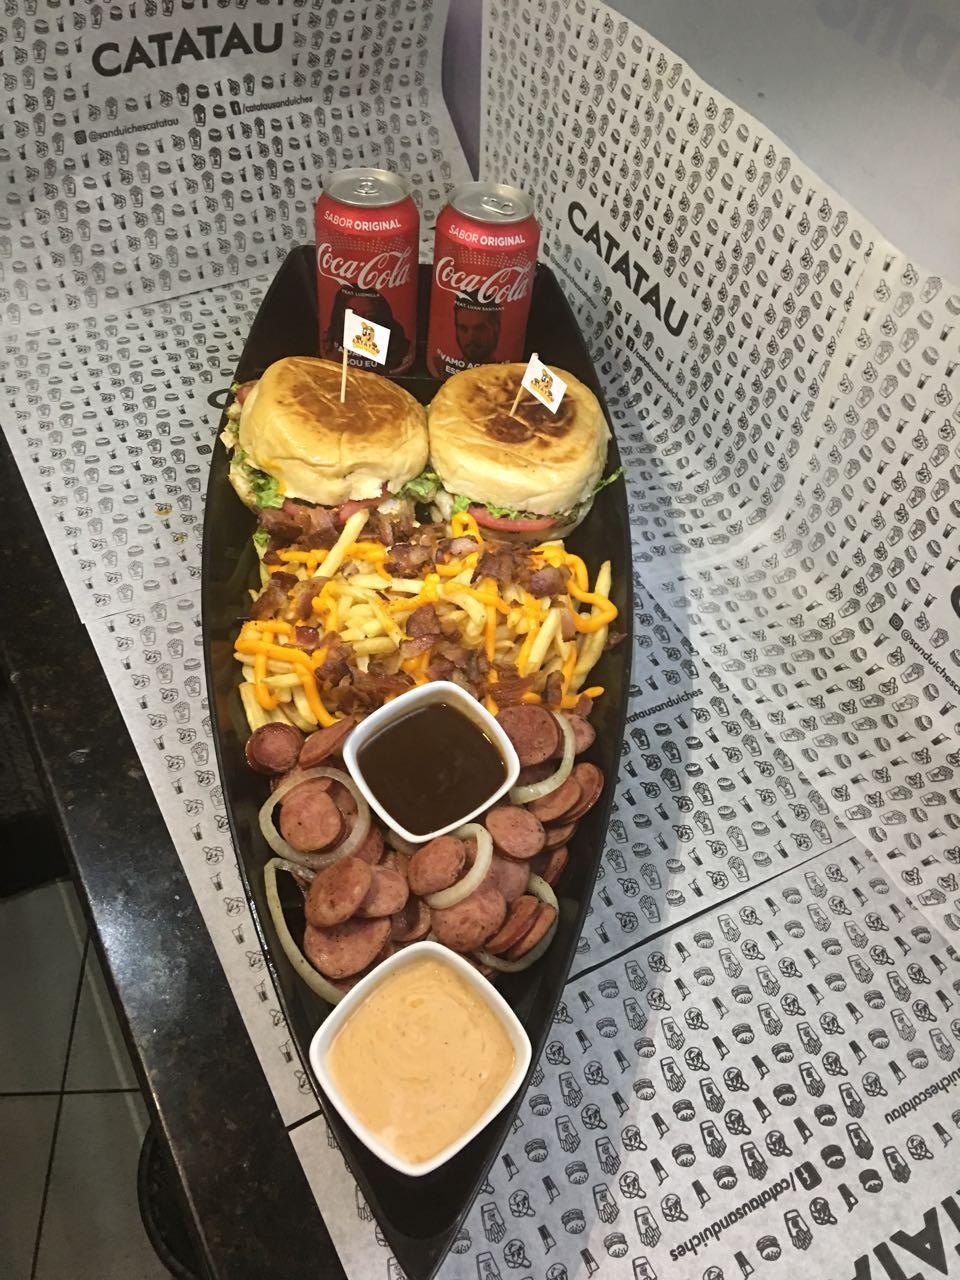 Barca Catatau para 01 pessoa: Hamburgo a Barbecue + Onion Rings + 01 Refrigerante em lata de R$37,10 por apenas R$24,90